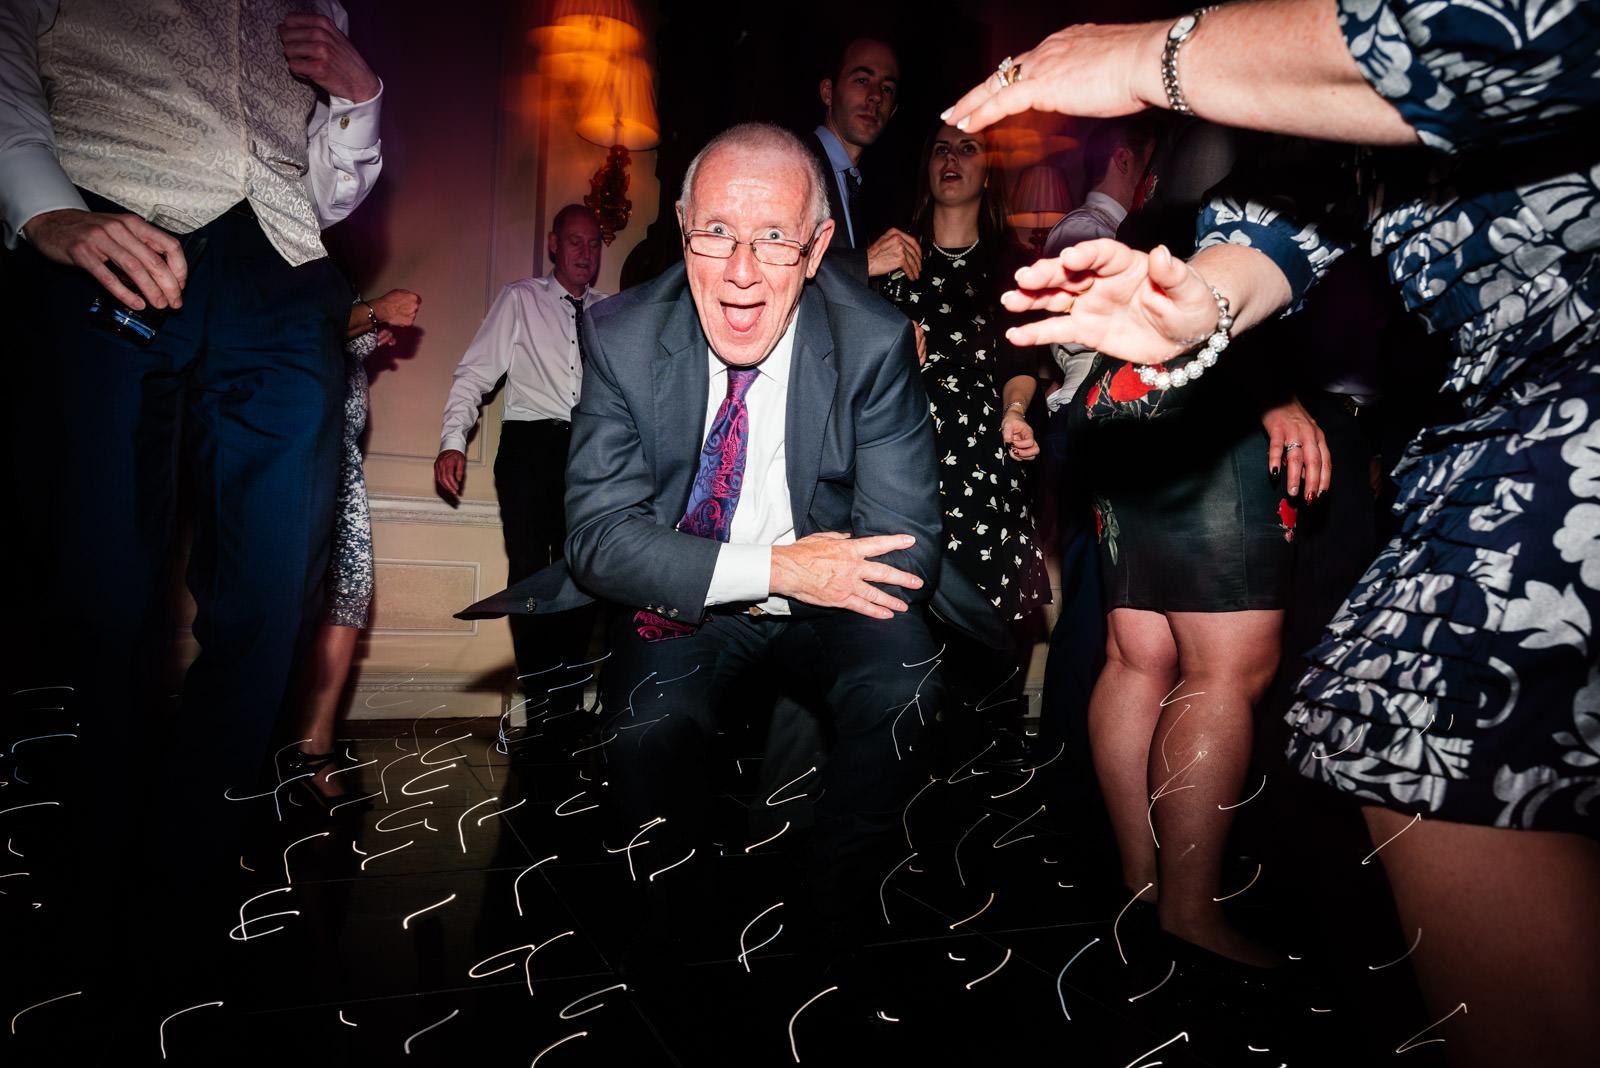 Get Down on the Dance Floor